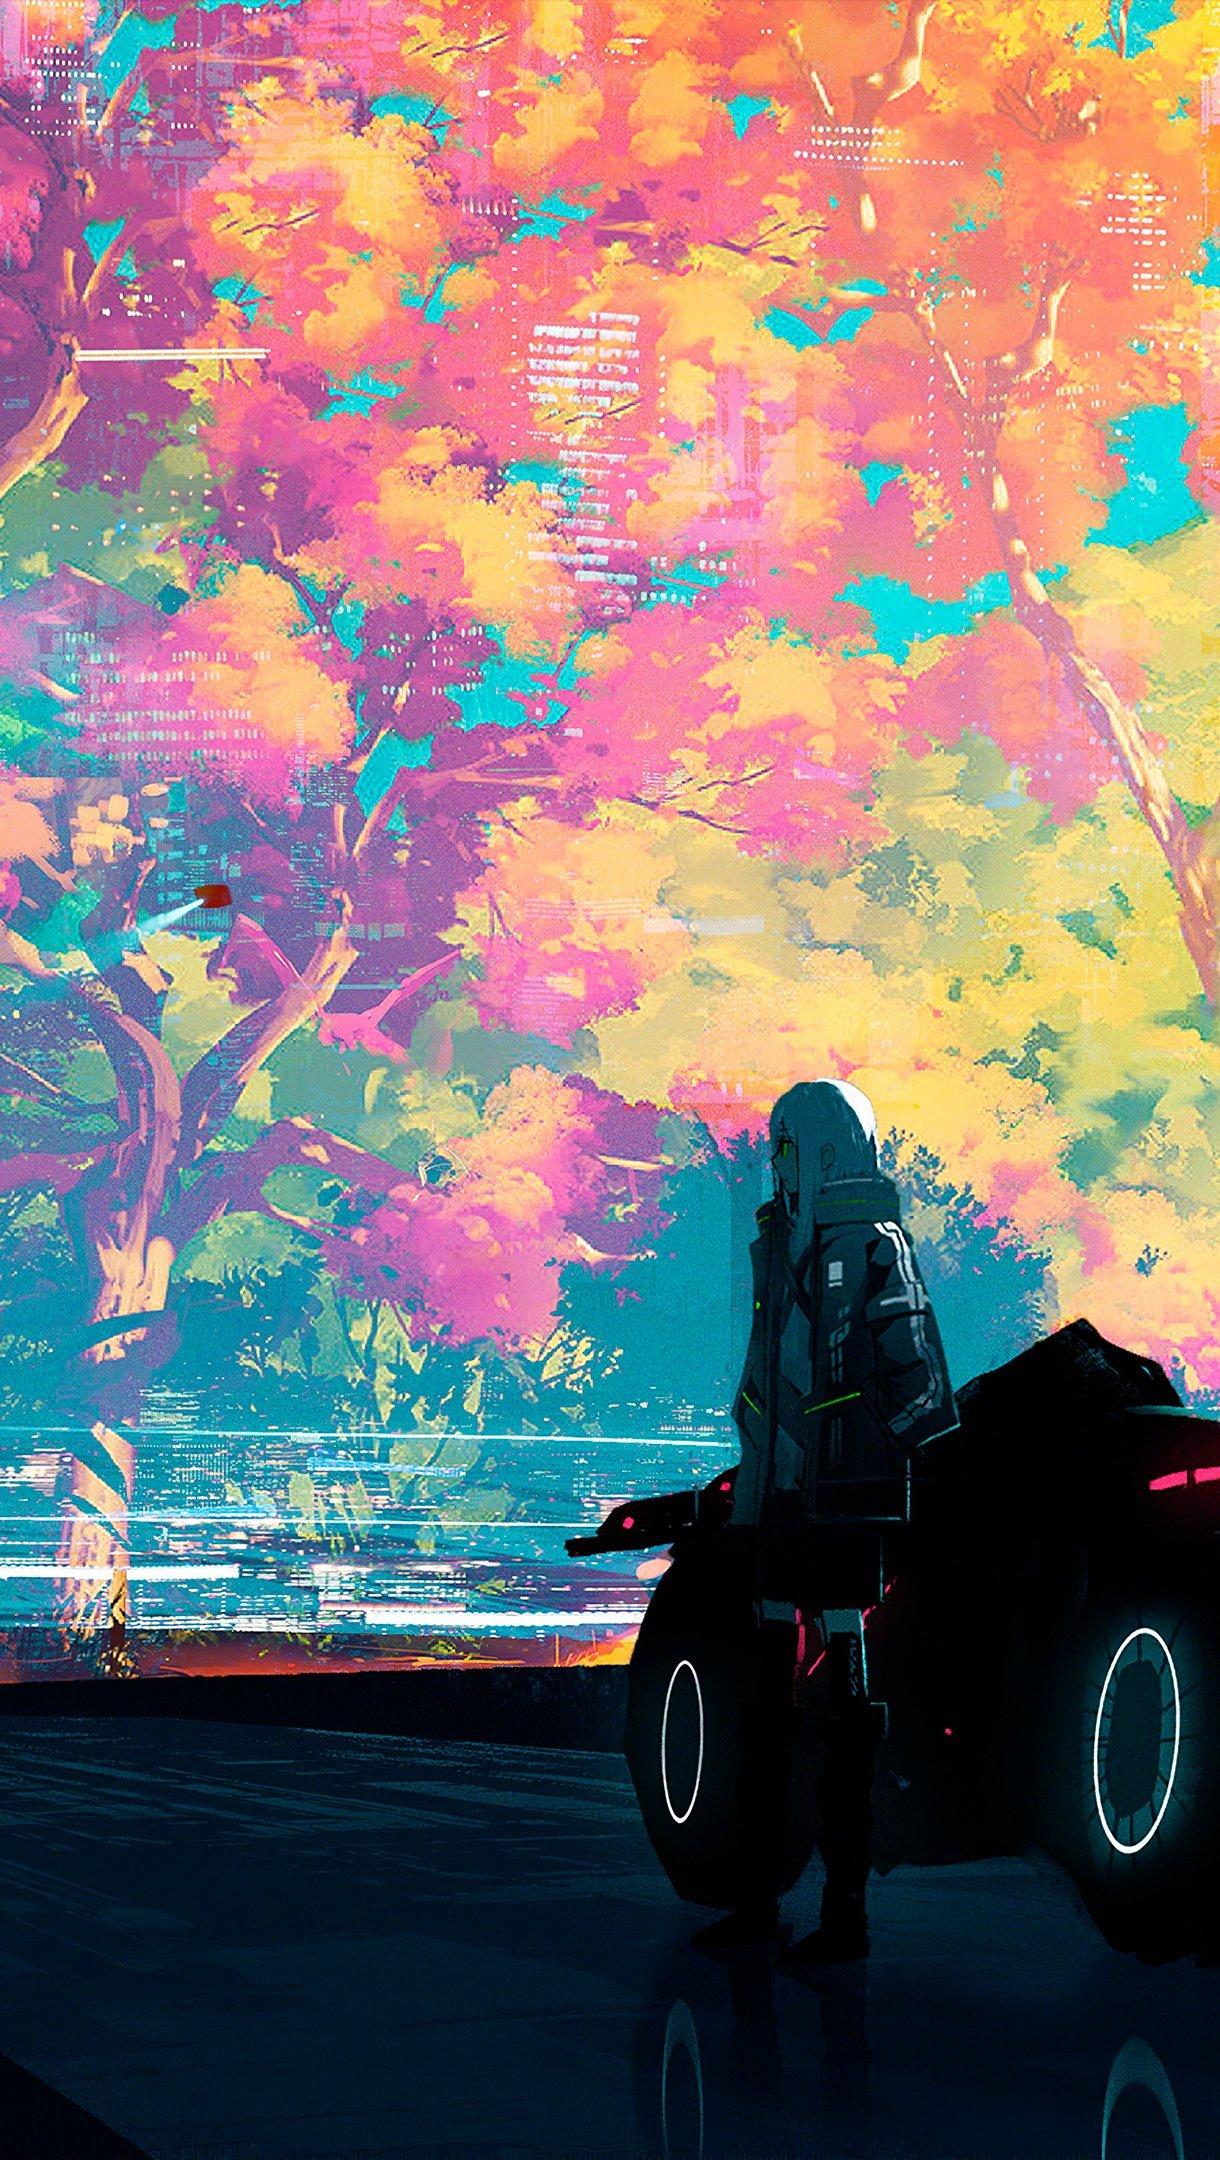 Fondos de pantalla Ilustración Ciudad pintada Vertical